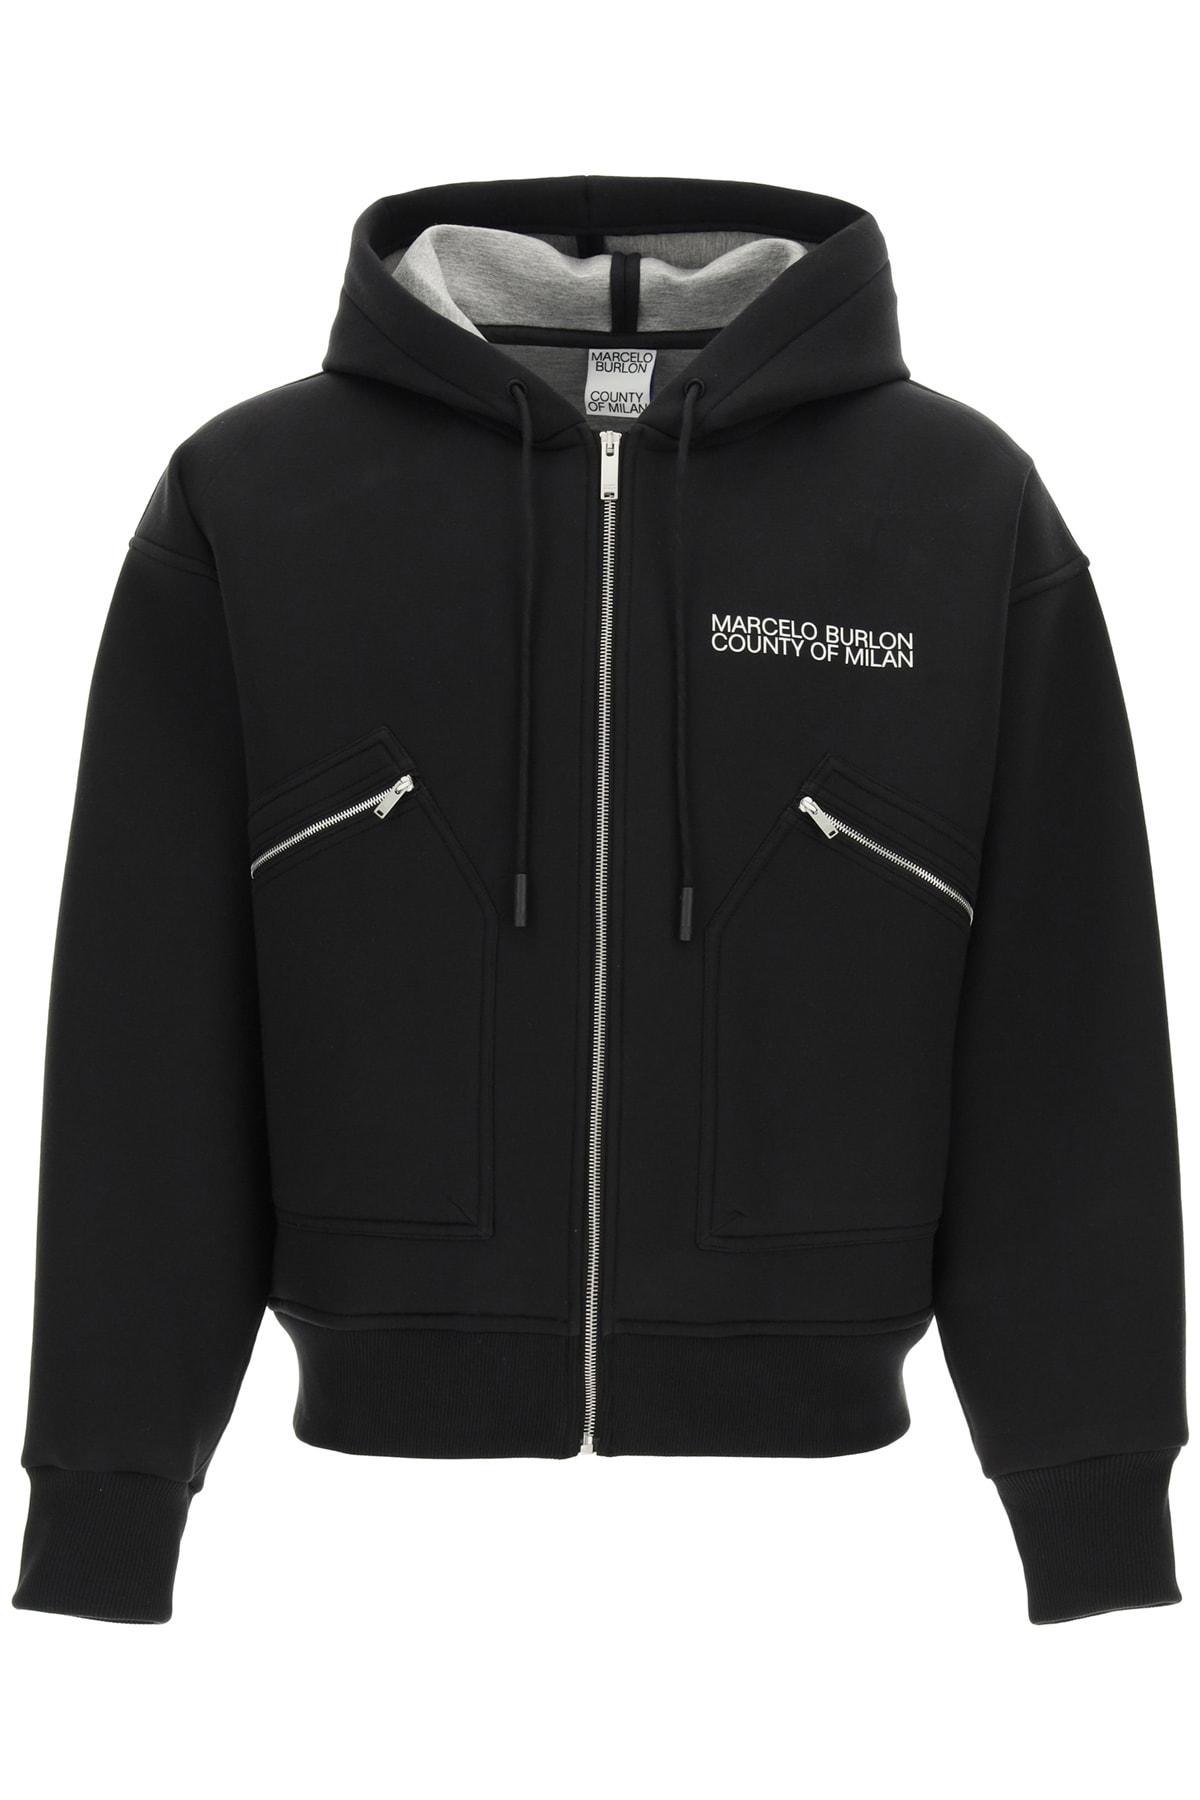 Marcelo Burlon Hooded Sweatshirt With Logo Print